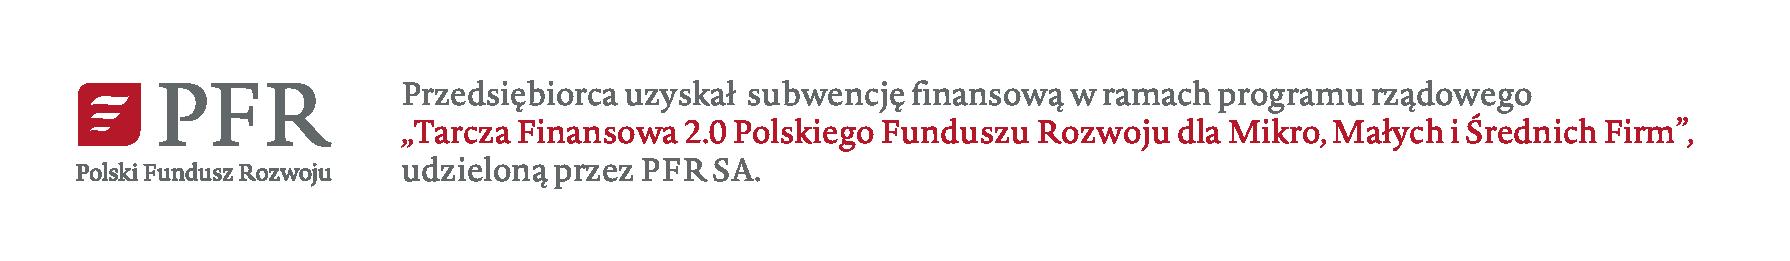 Tarcza Finansowa 2.0 Polskiego Funduszu Rozwoju dla mikro, małych i średnich firm